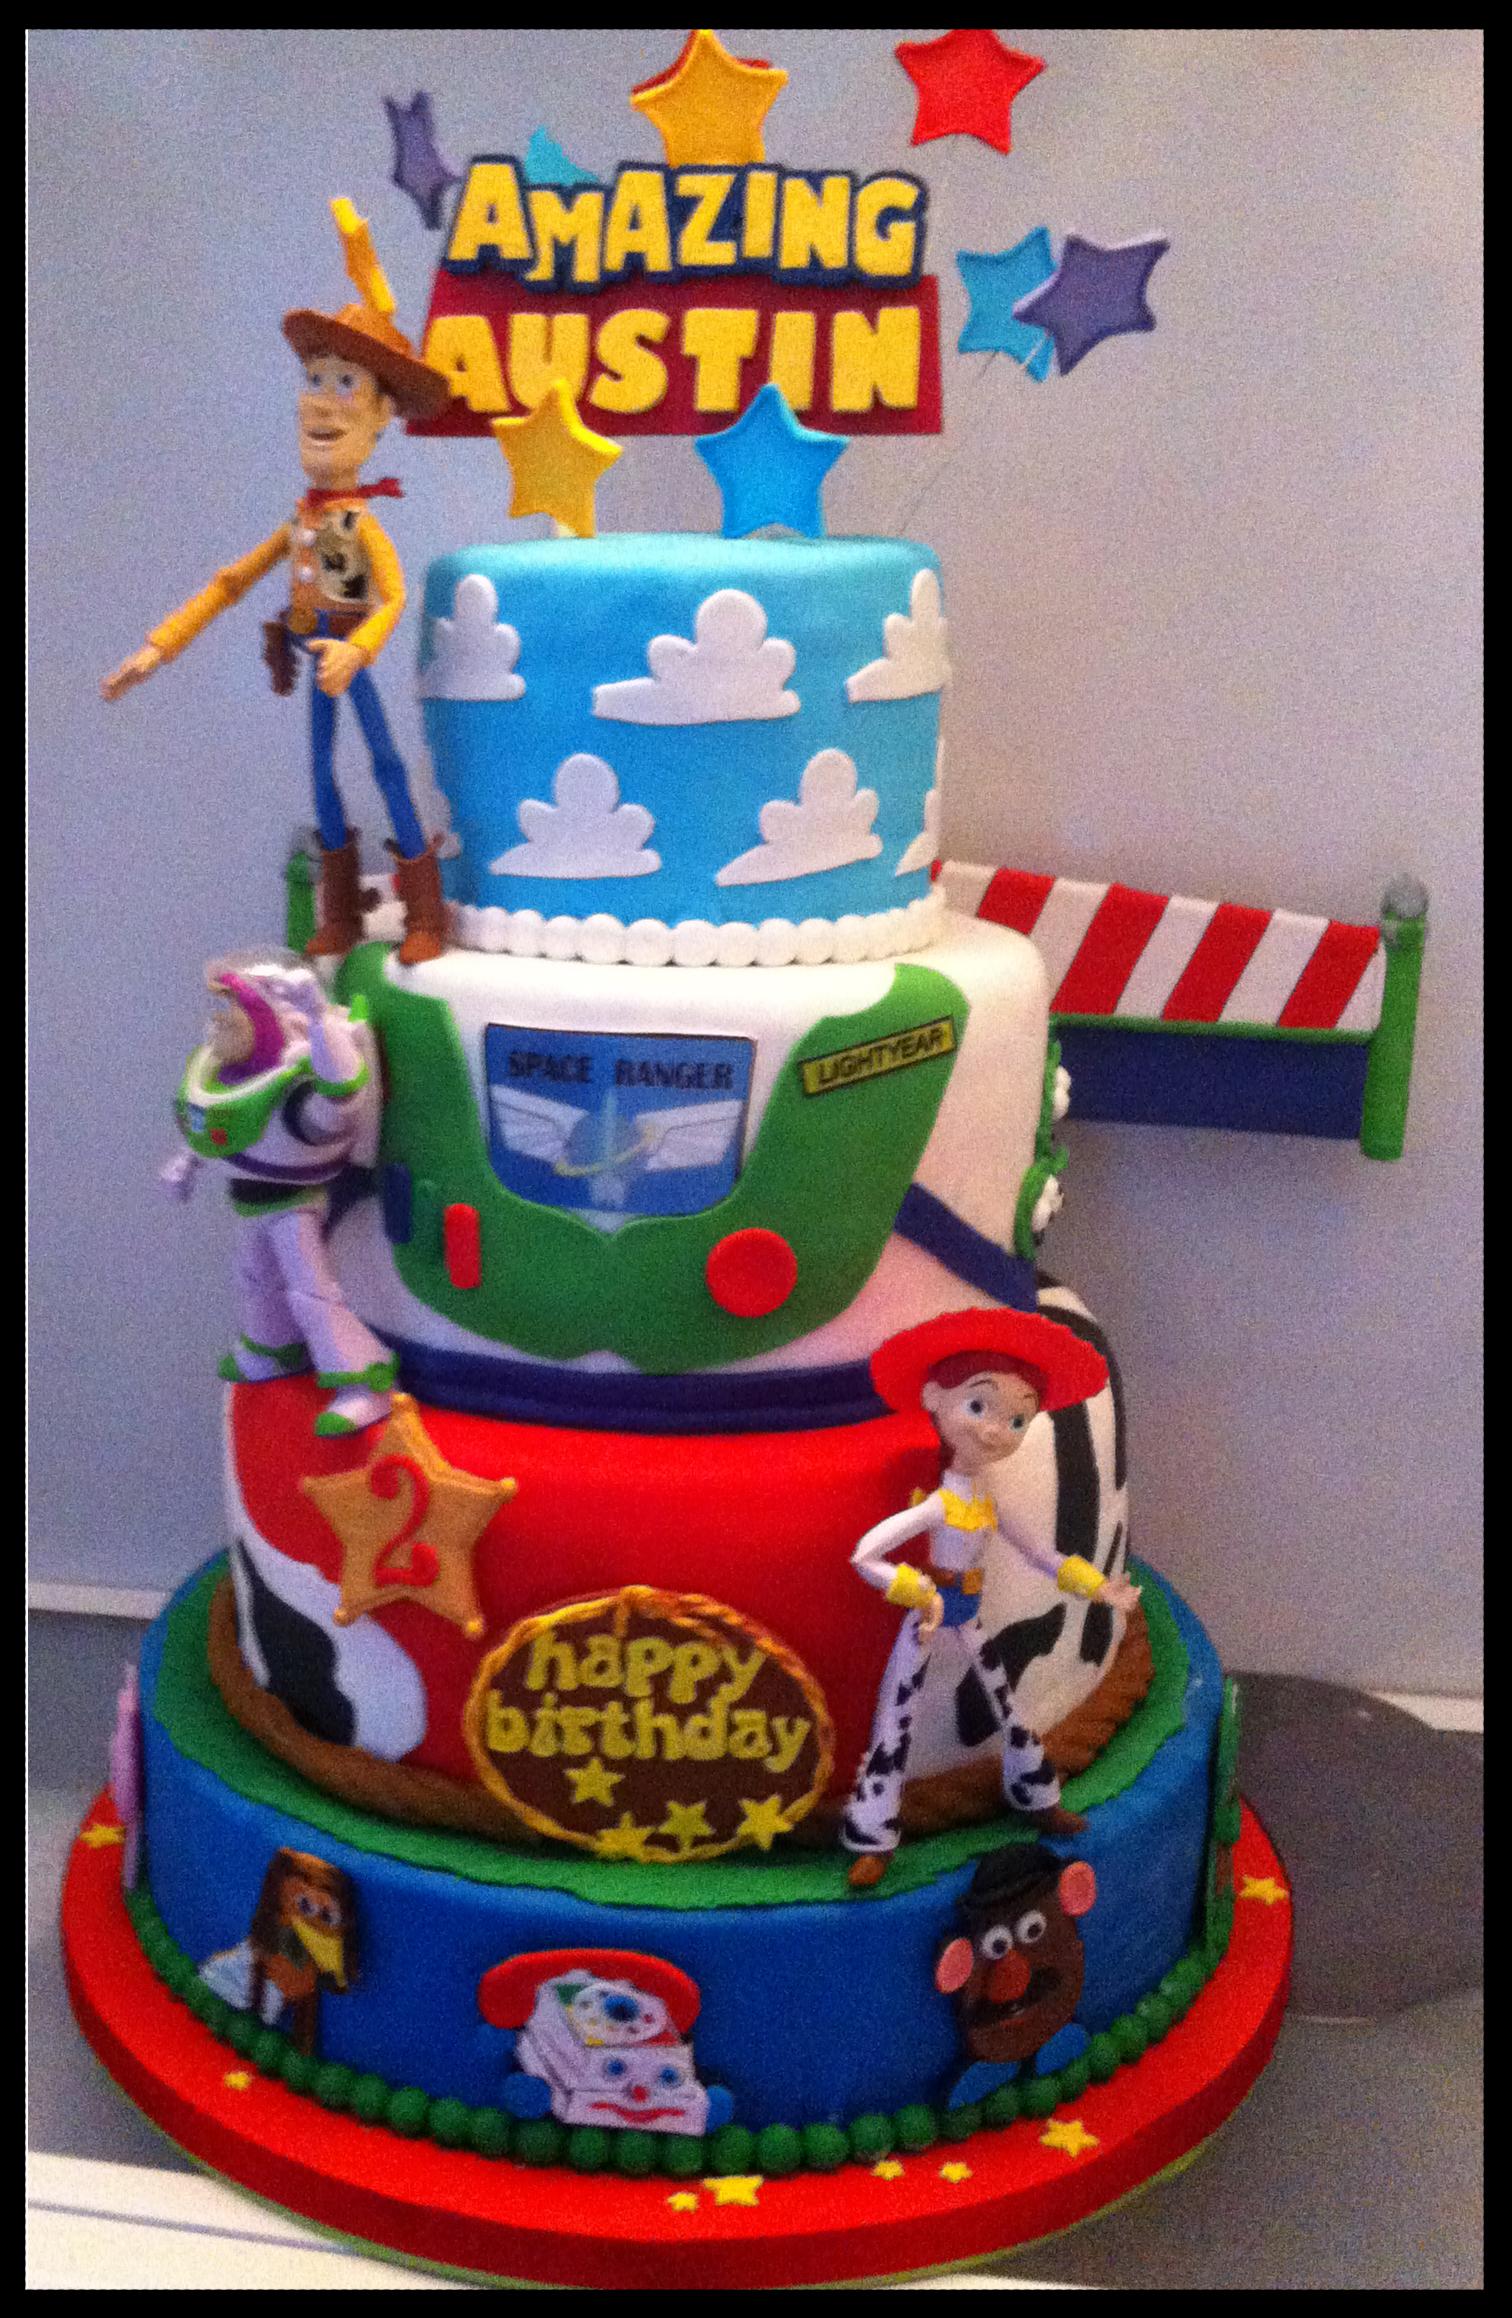 Amazing Austins Toy Story Birthday Cake Maddies Cakes